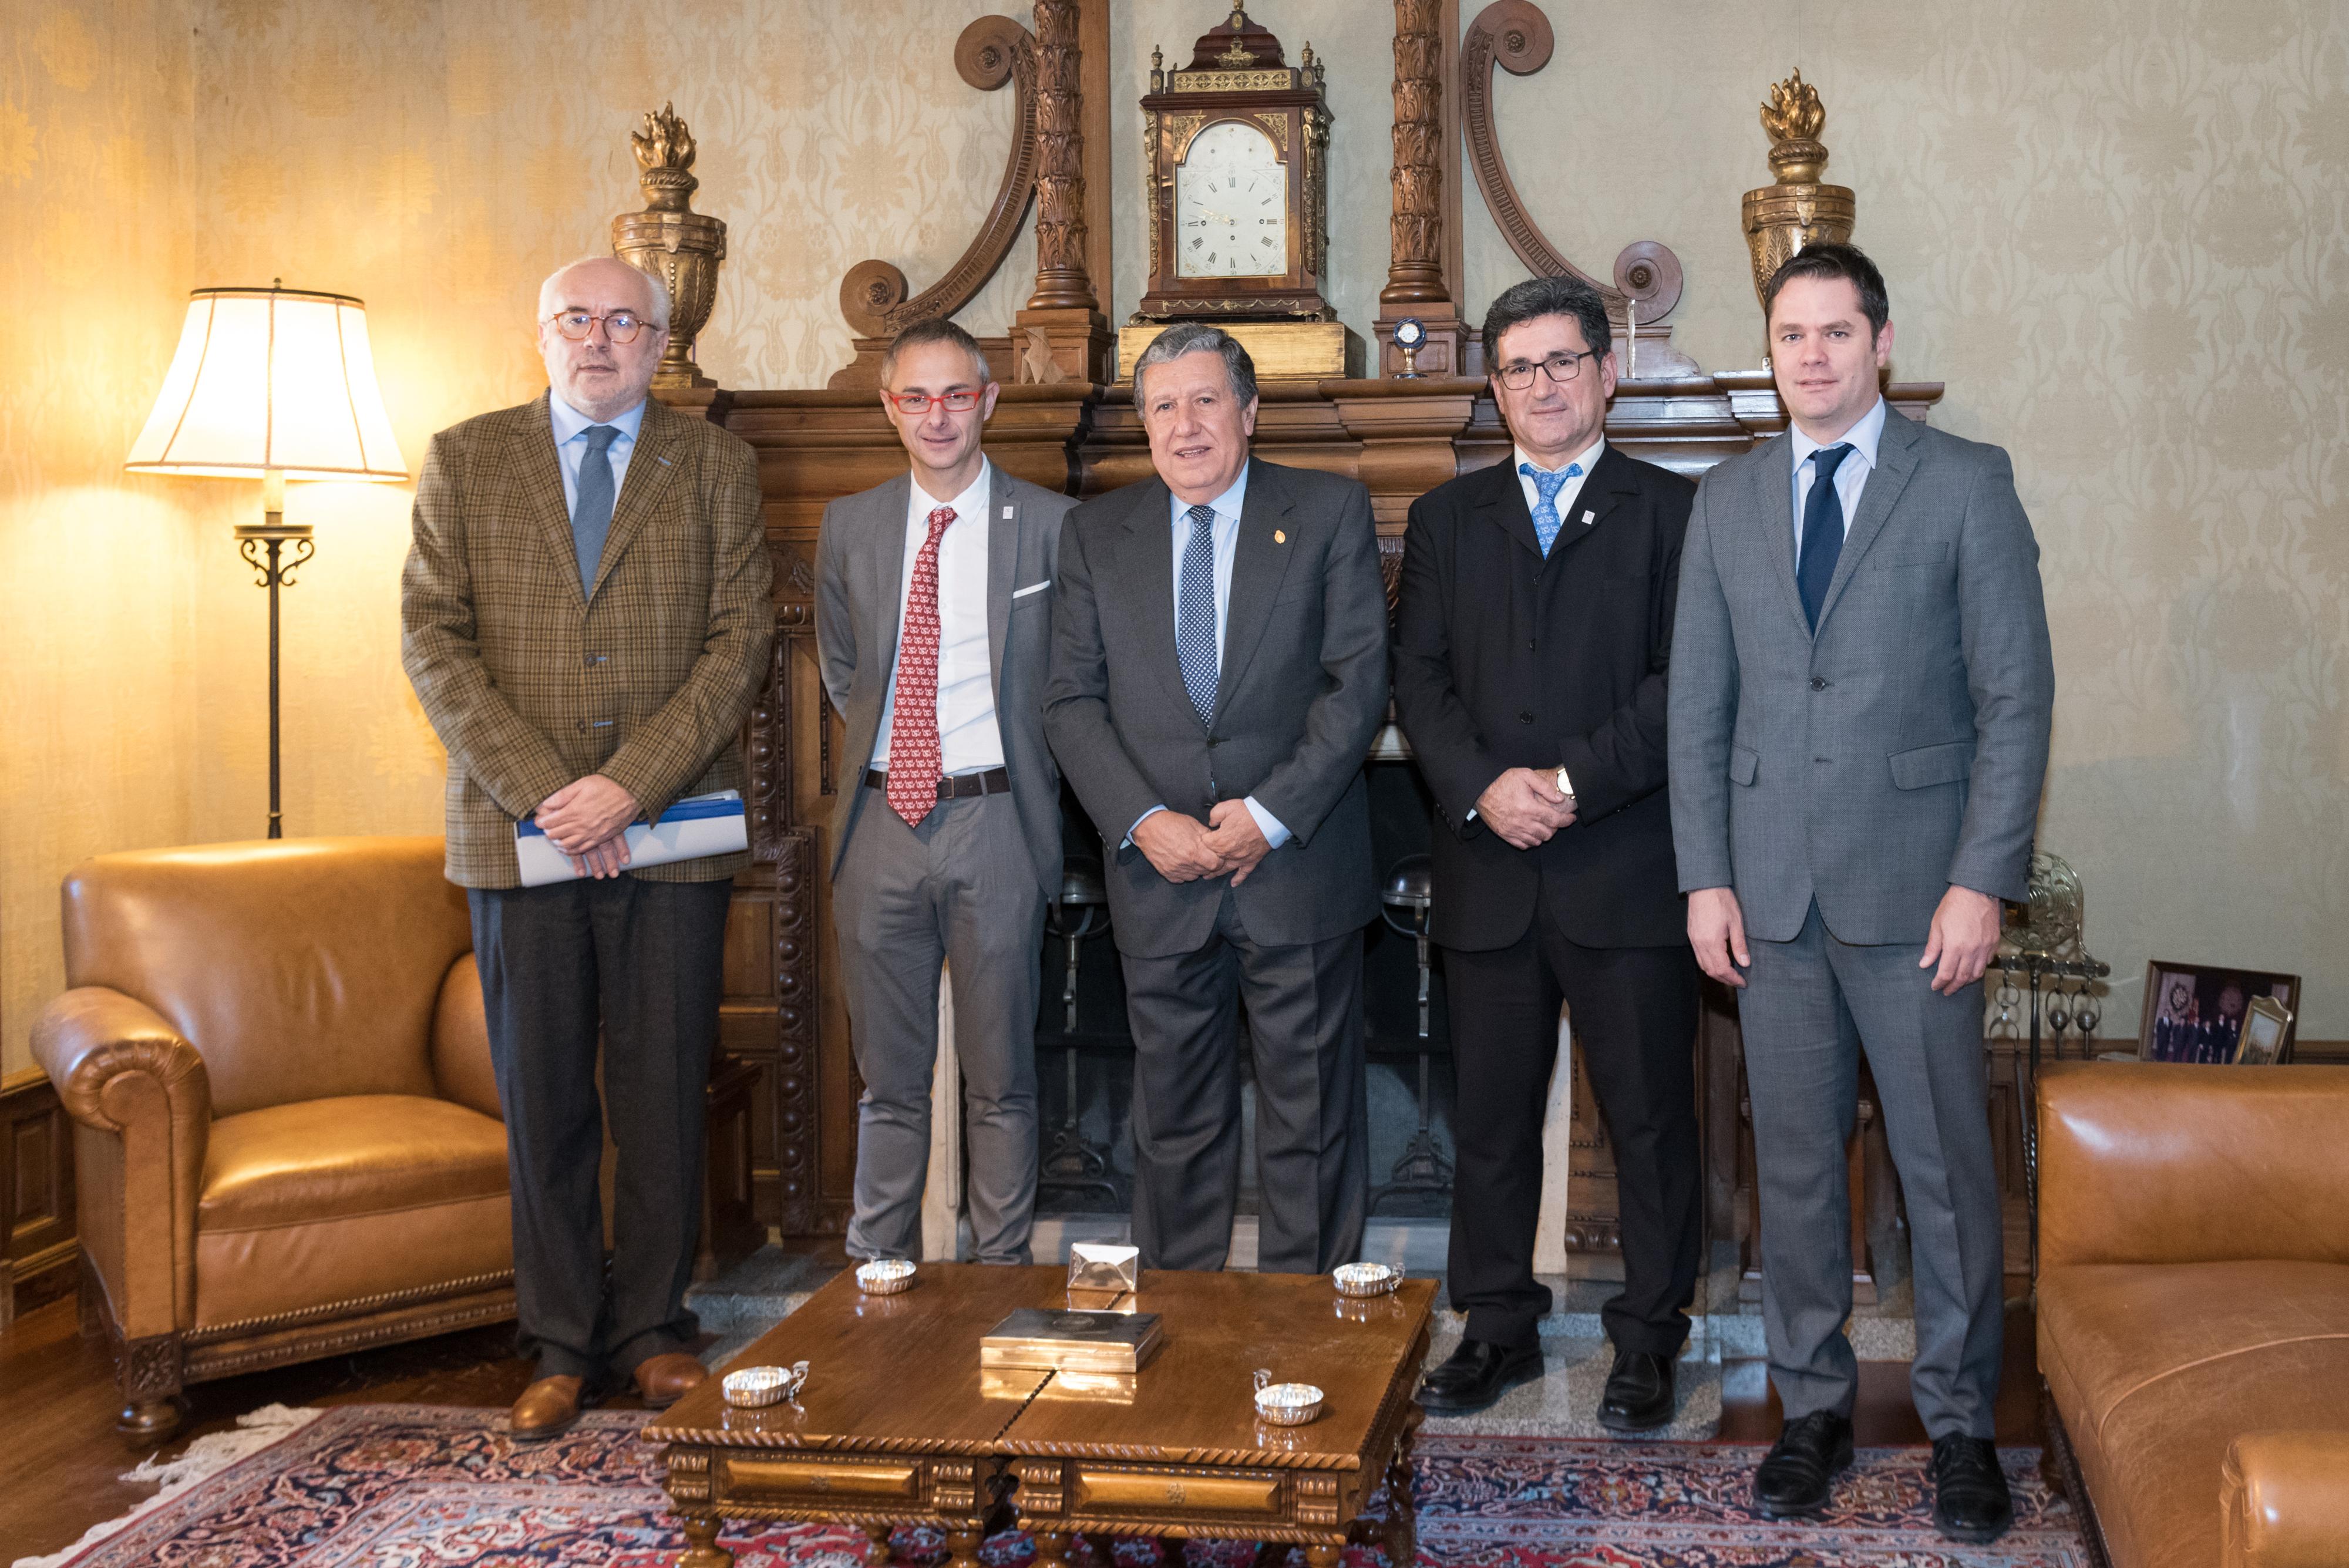 El rector de la Universidad de Salamanca recibe a los embajadores de Argentina, Brasil y Paraguay